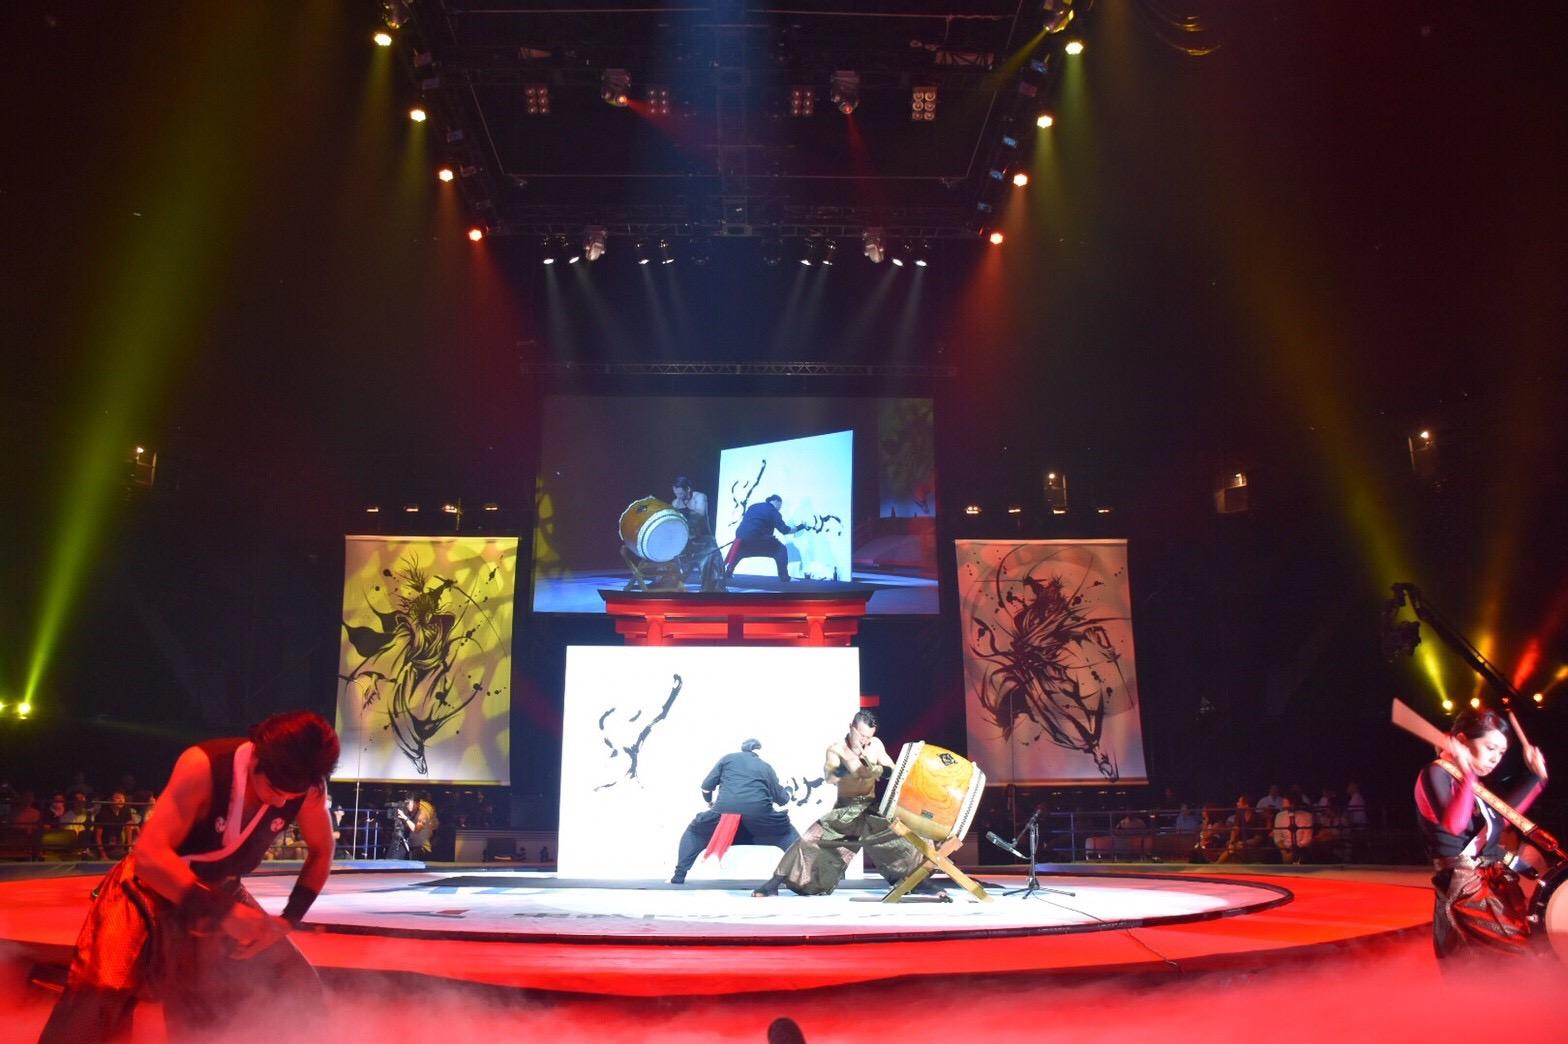 2016/7/31 格闘技【巌流島】